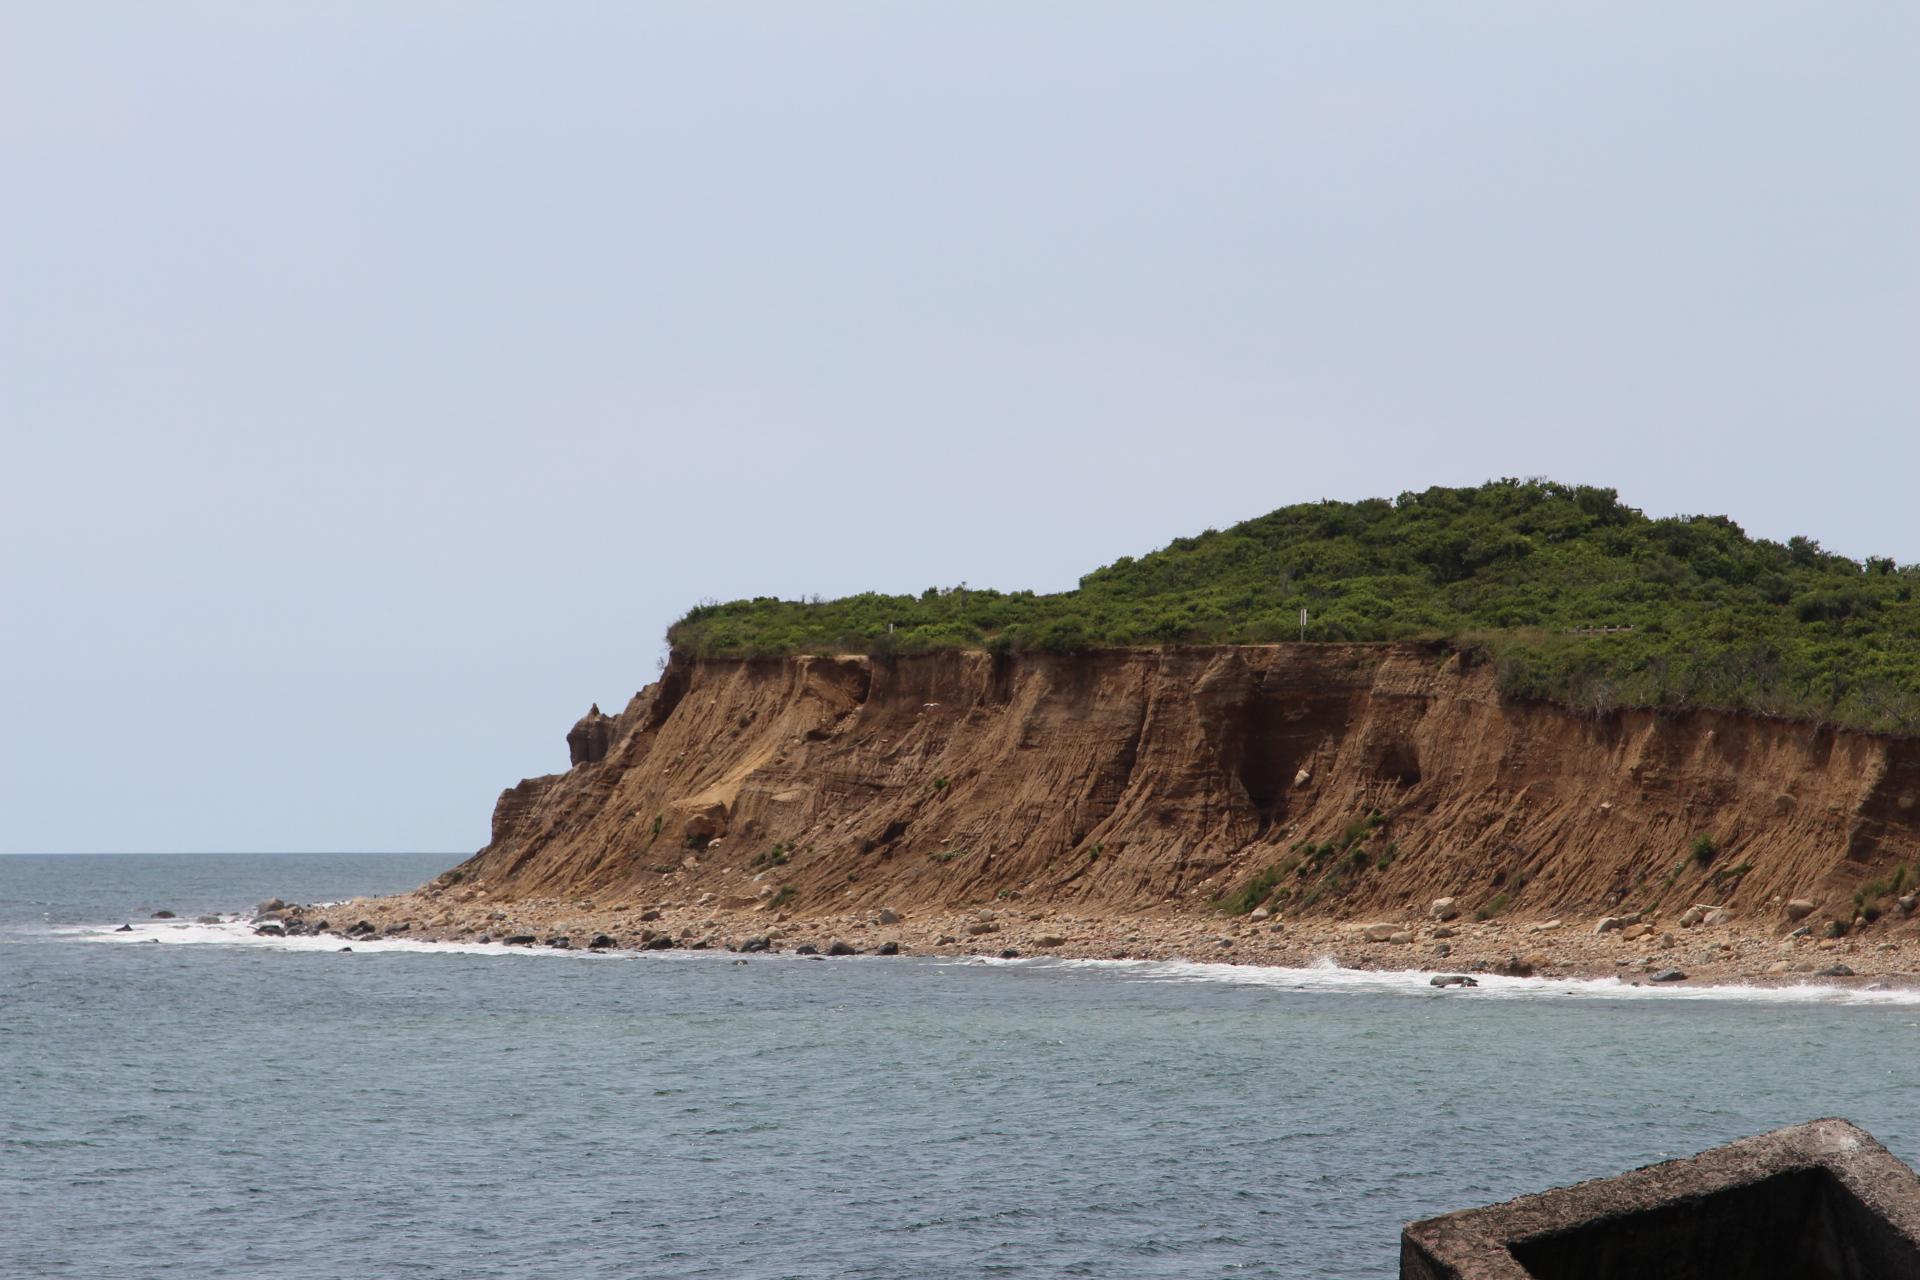 Island outcrop_2